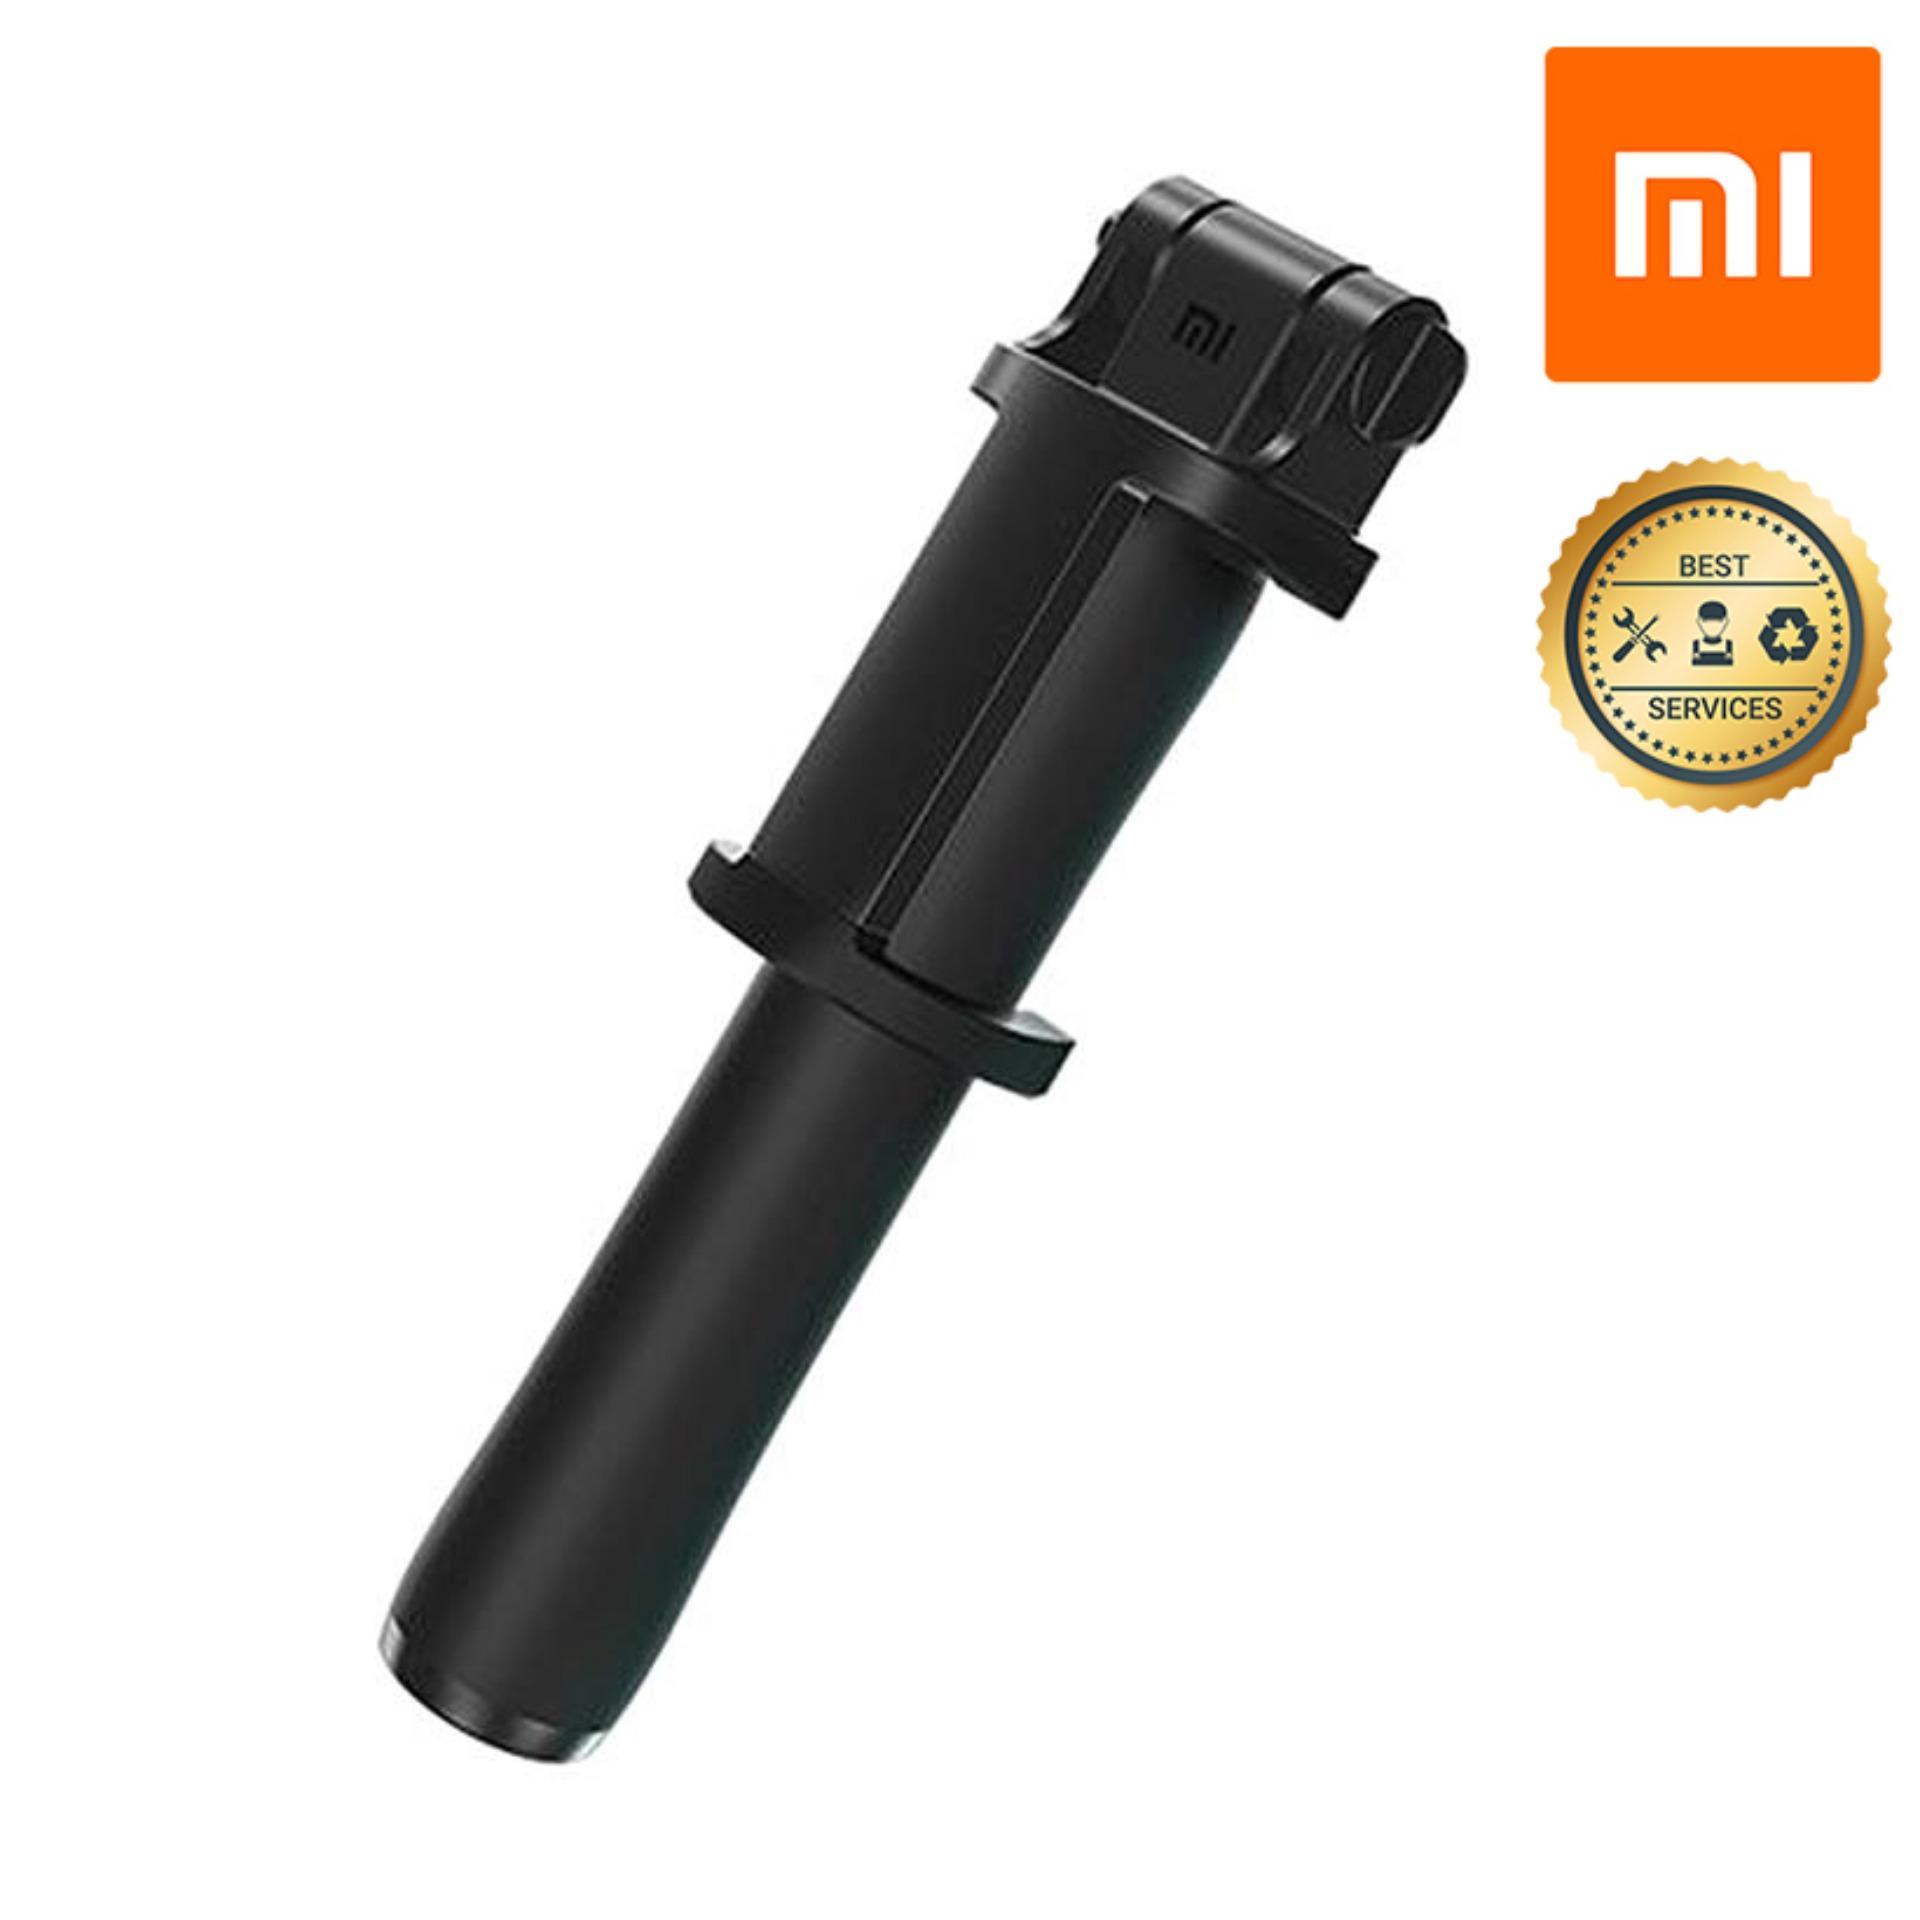 Gậy chụp ảnh selfie Xiaomi (Đen) - Phiên bản Trung Quốc